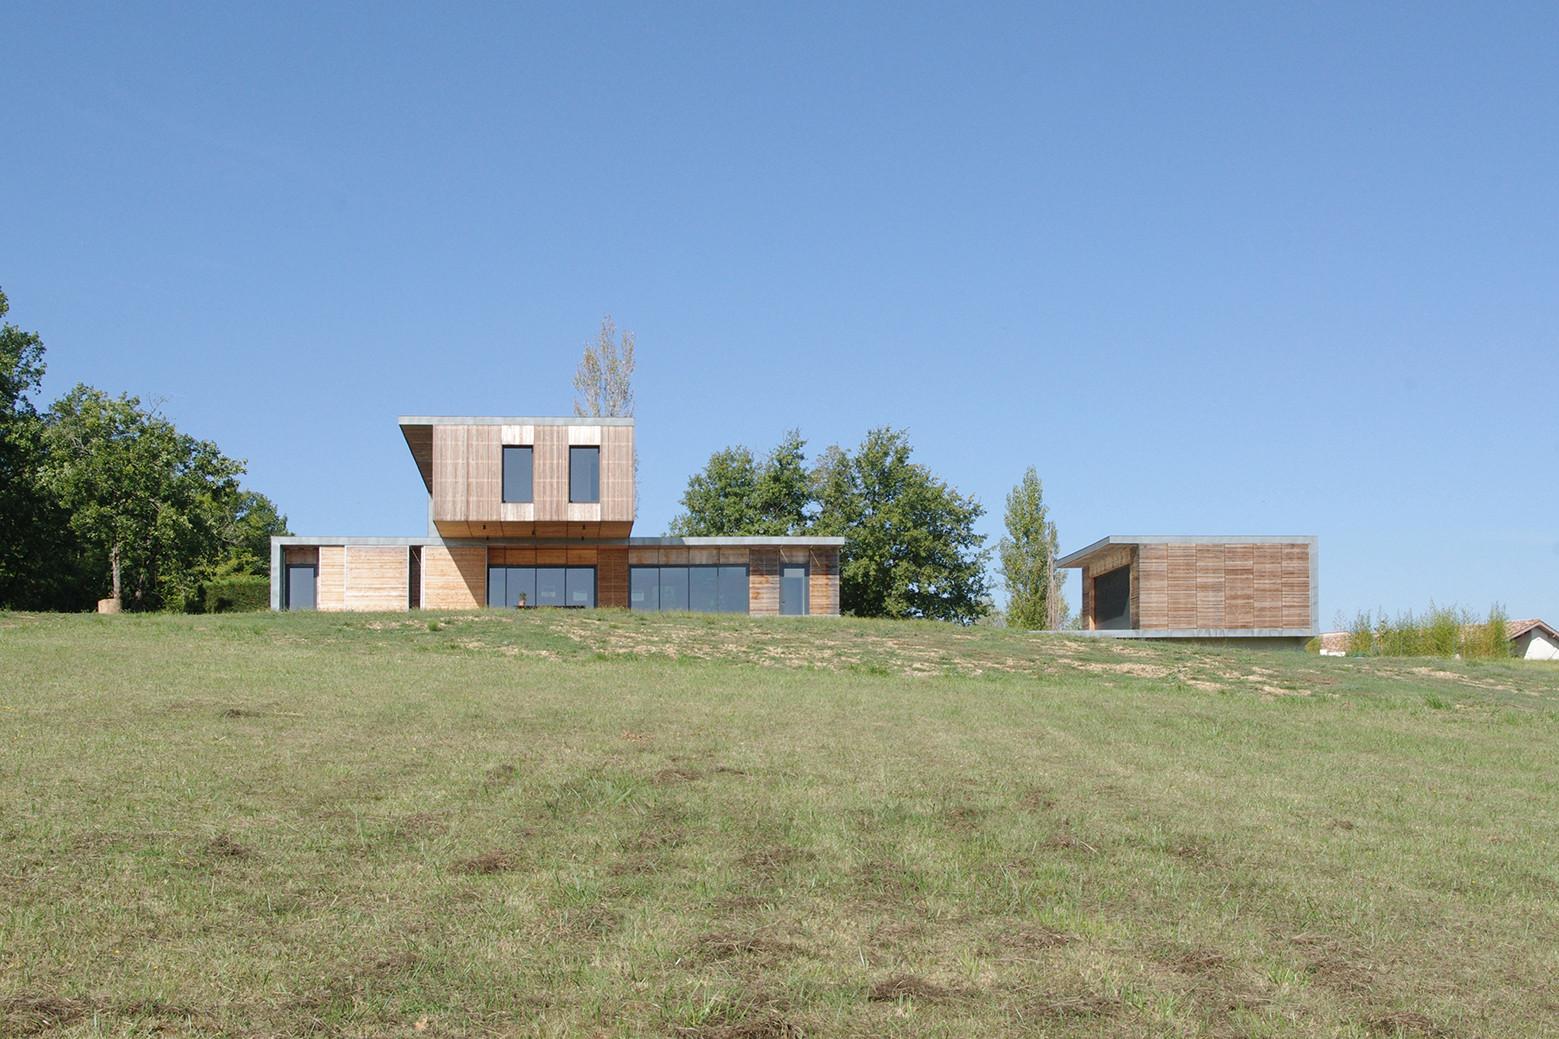 Maison l 39 estelle fran ois primault architecte archdaily - Francois brugel architecte ...